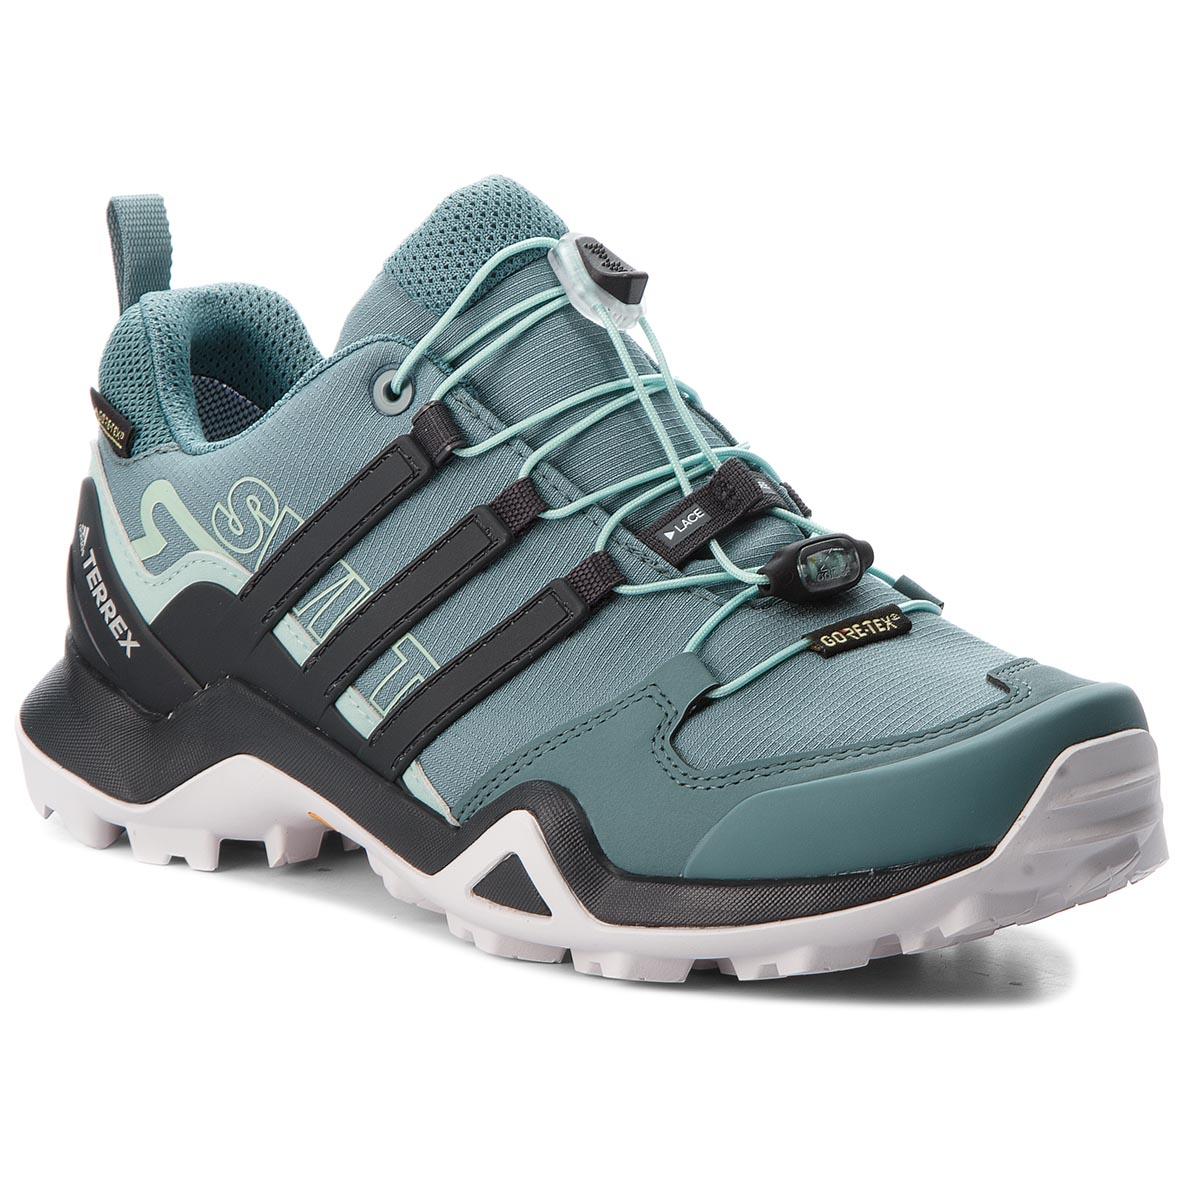 9bb592ee4 Shoes adidas Terrex Swift R2 Gtx W GORE-TEX AC8058 Rawgrn Carbon Ashgrn